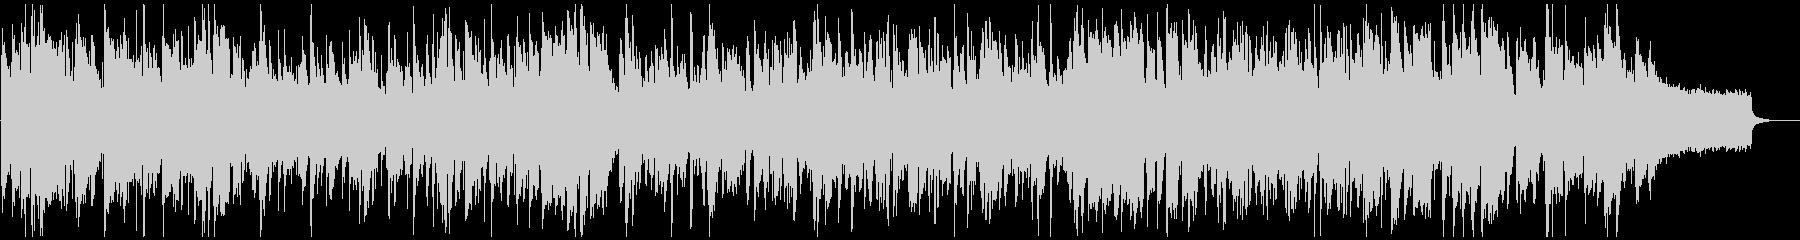 超かっこいい高速ジャズ ※60秒版の未再生の波形